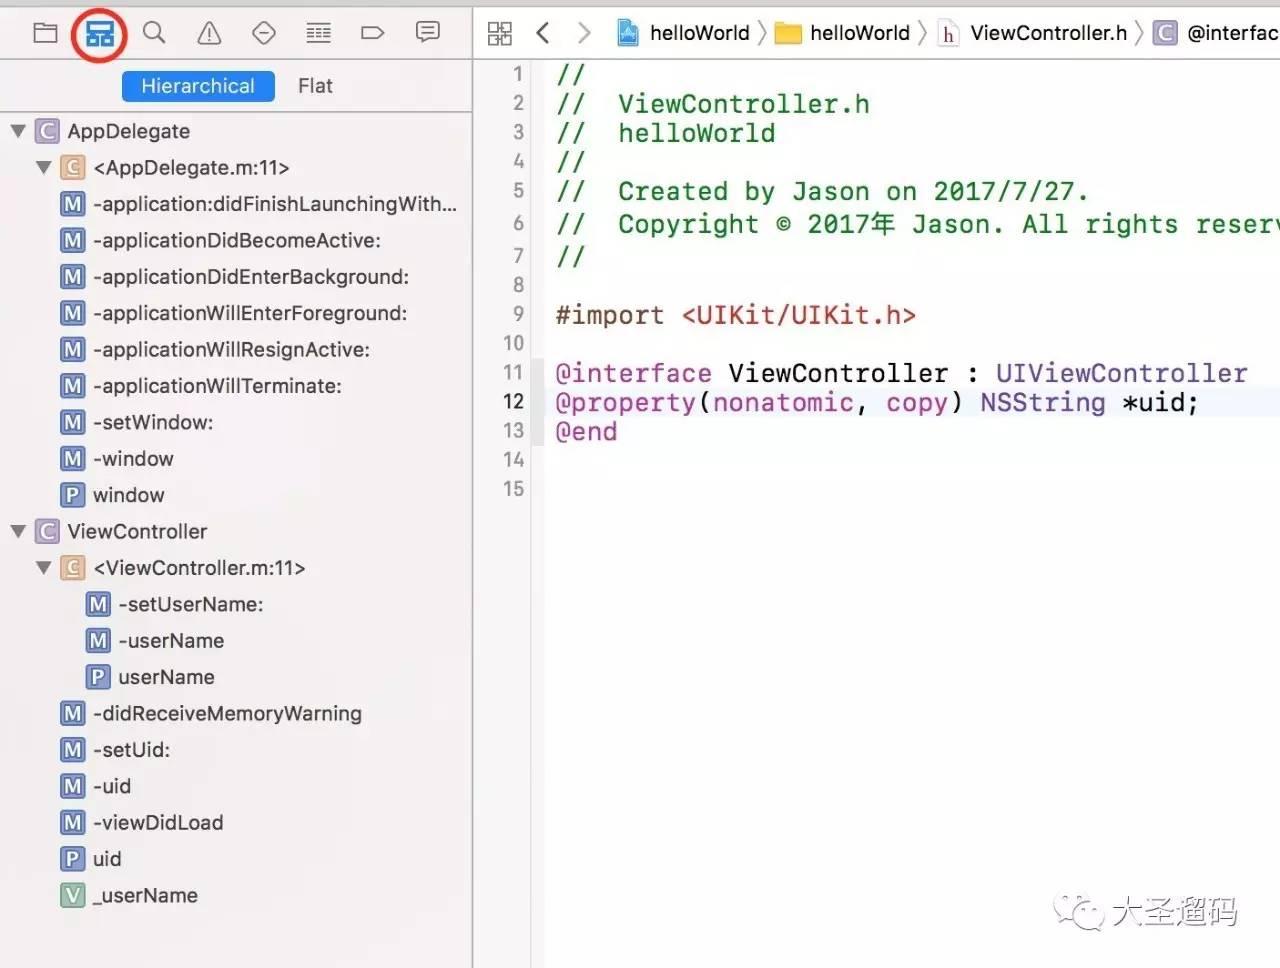 使用这个面板可以对工作区中所有文件进行搜索。当然,通常有搜索都有替换功能,如图3-1:  图3-1 查找导航面板   Xcode的查找功能其实非常强大,如图3-2所示,Xcode支持查找文字、引用和定义,甚至还支持正则表达式和调用层级查找。并且还有包含、匹配等查找模式。  图3-2 强大的查找功能   举个例子,我想要查找引号中间的汉字,就可以直接写个正则表达式